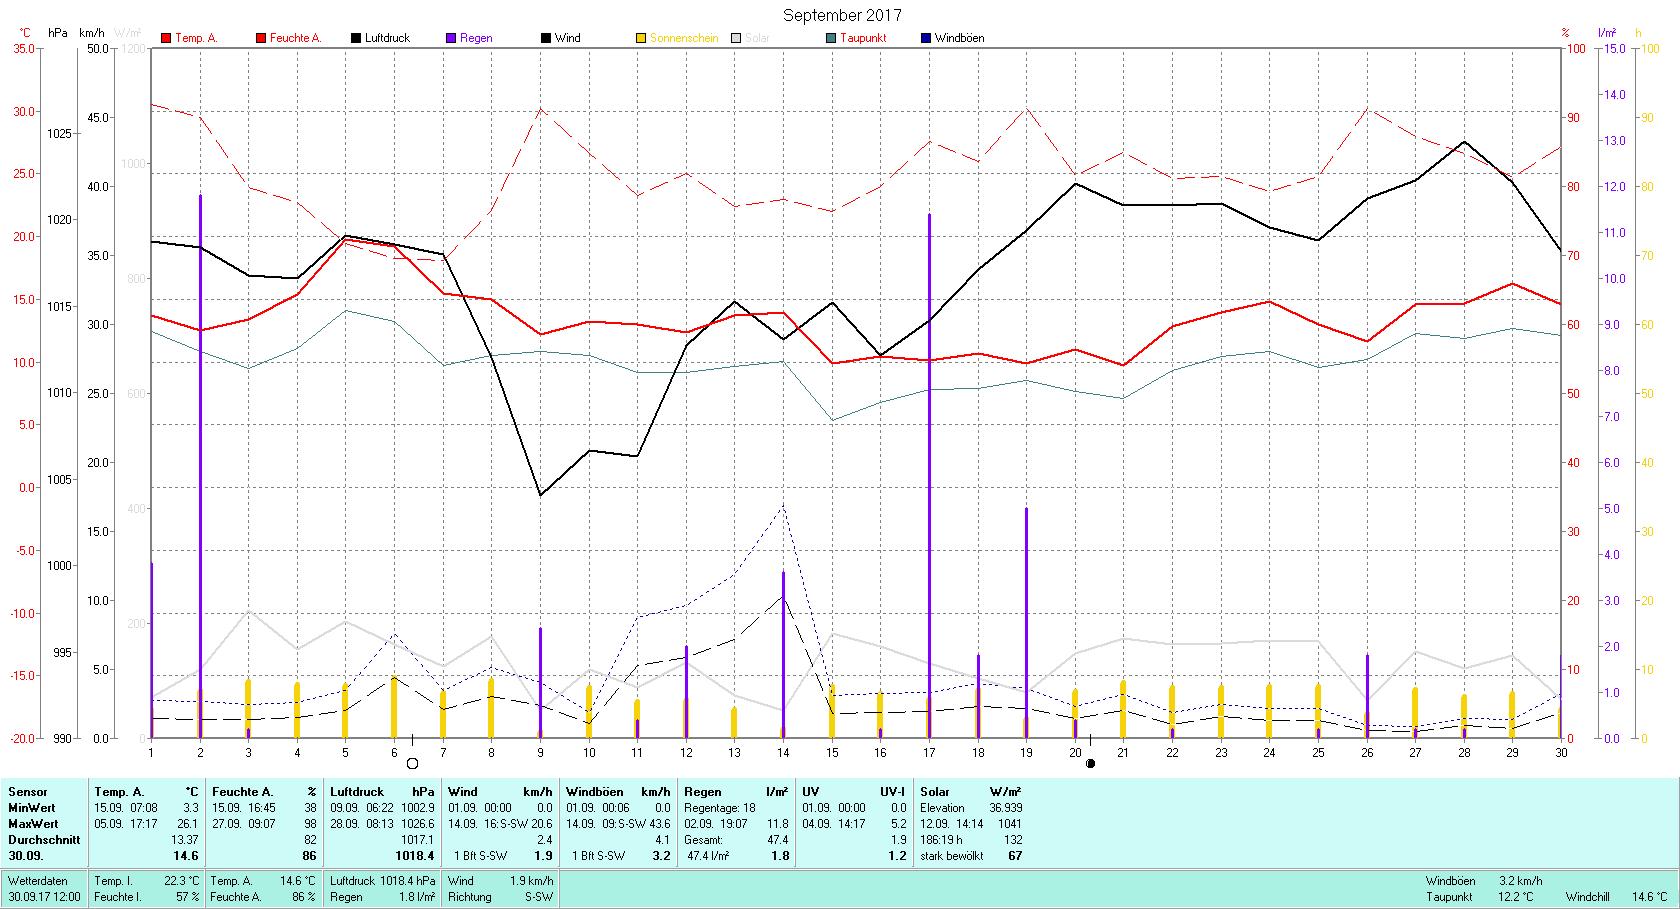 September 2017 Tmin 3.3°C, Tmax 26.1°C, Sonne 186:19 h, Niederschlag 47.4mm/2